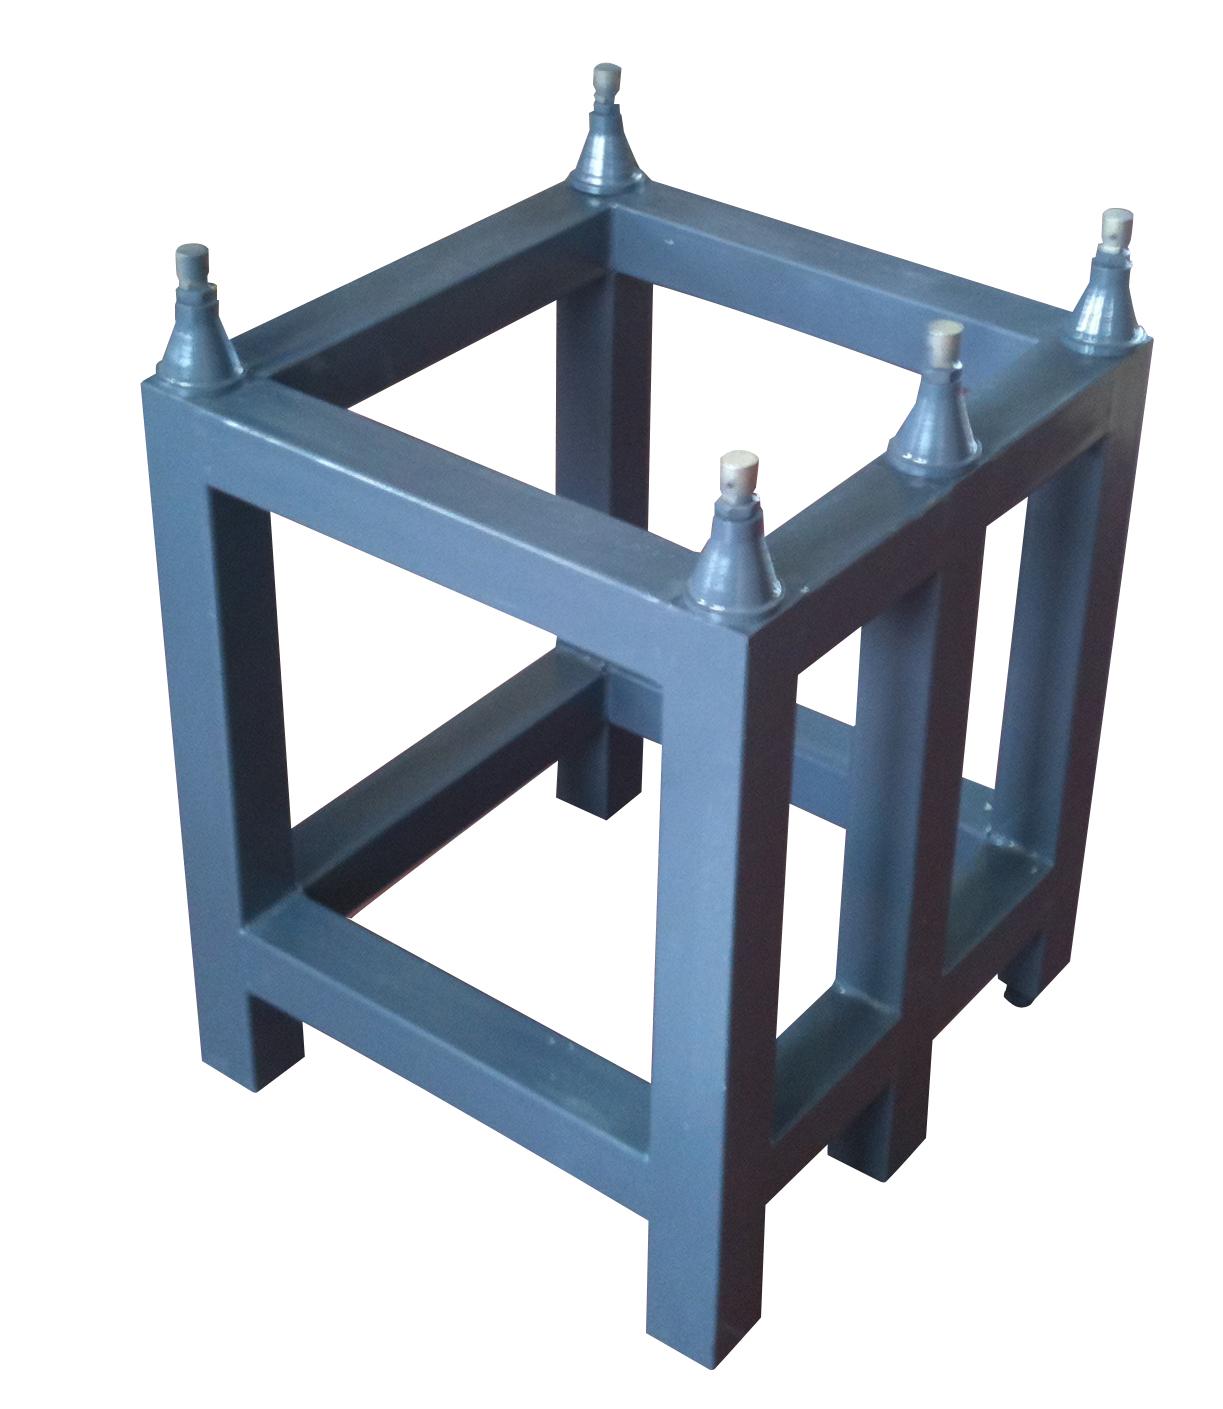 Untergestell für Mess- und Kontrollplatte aus Granit